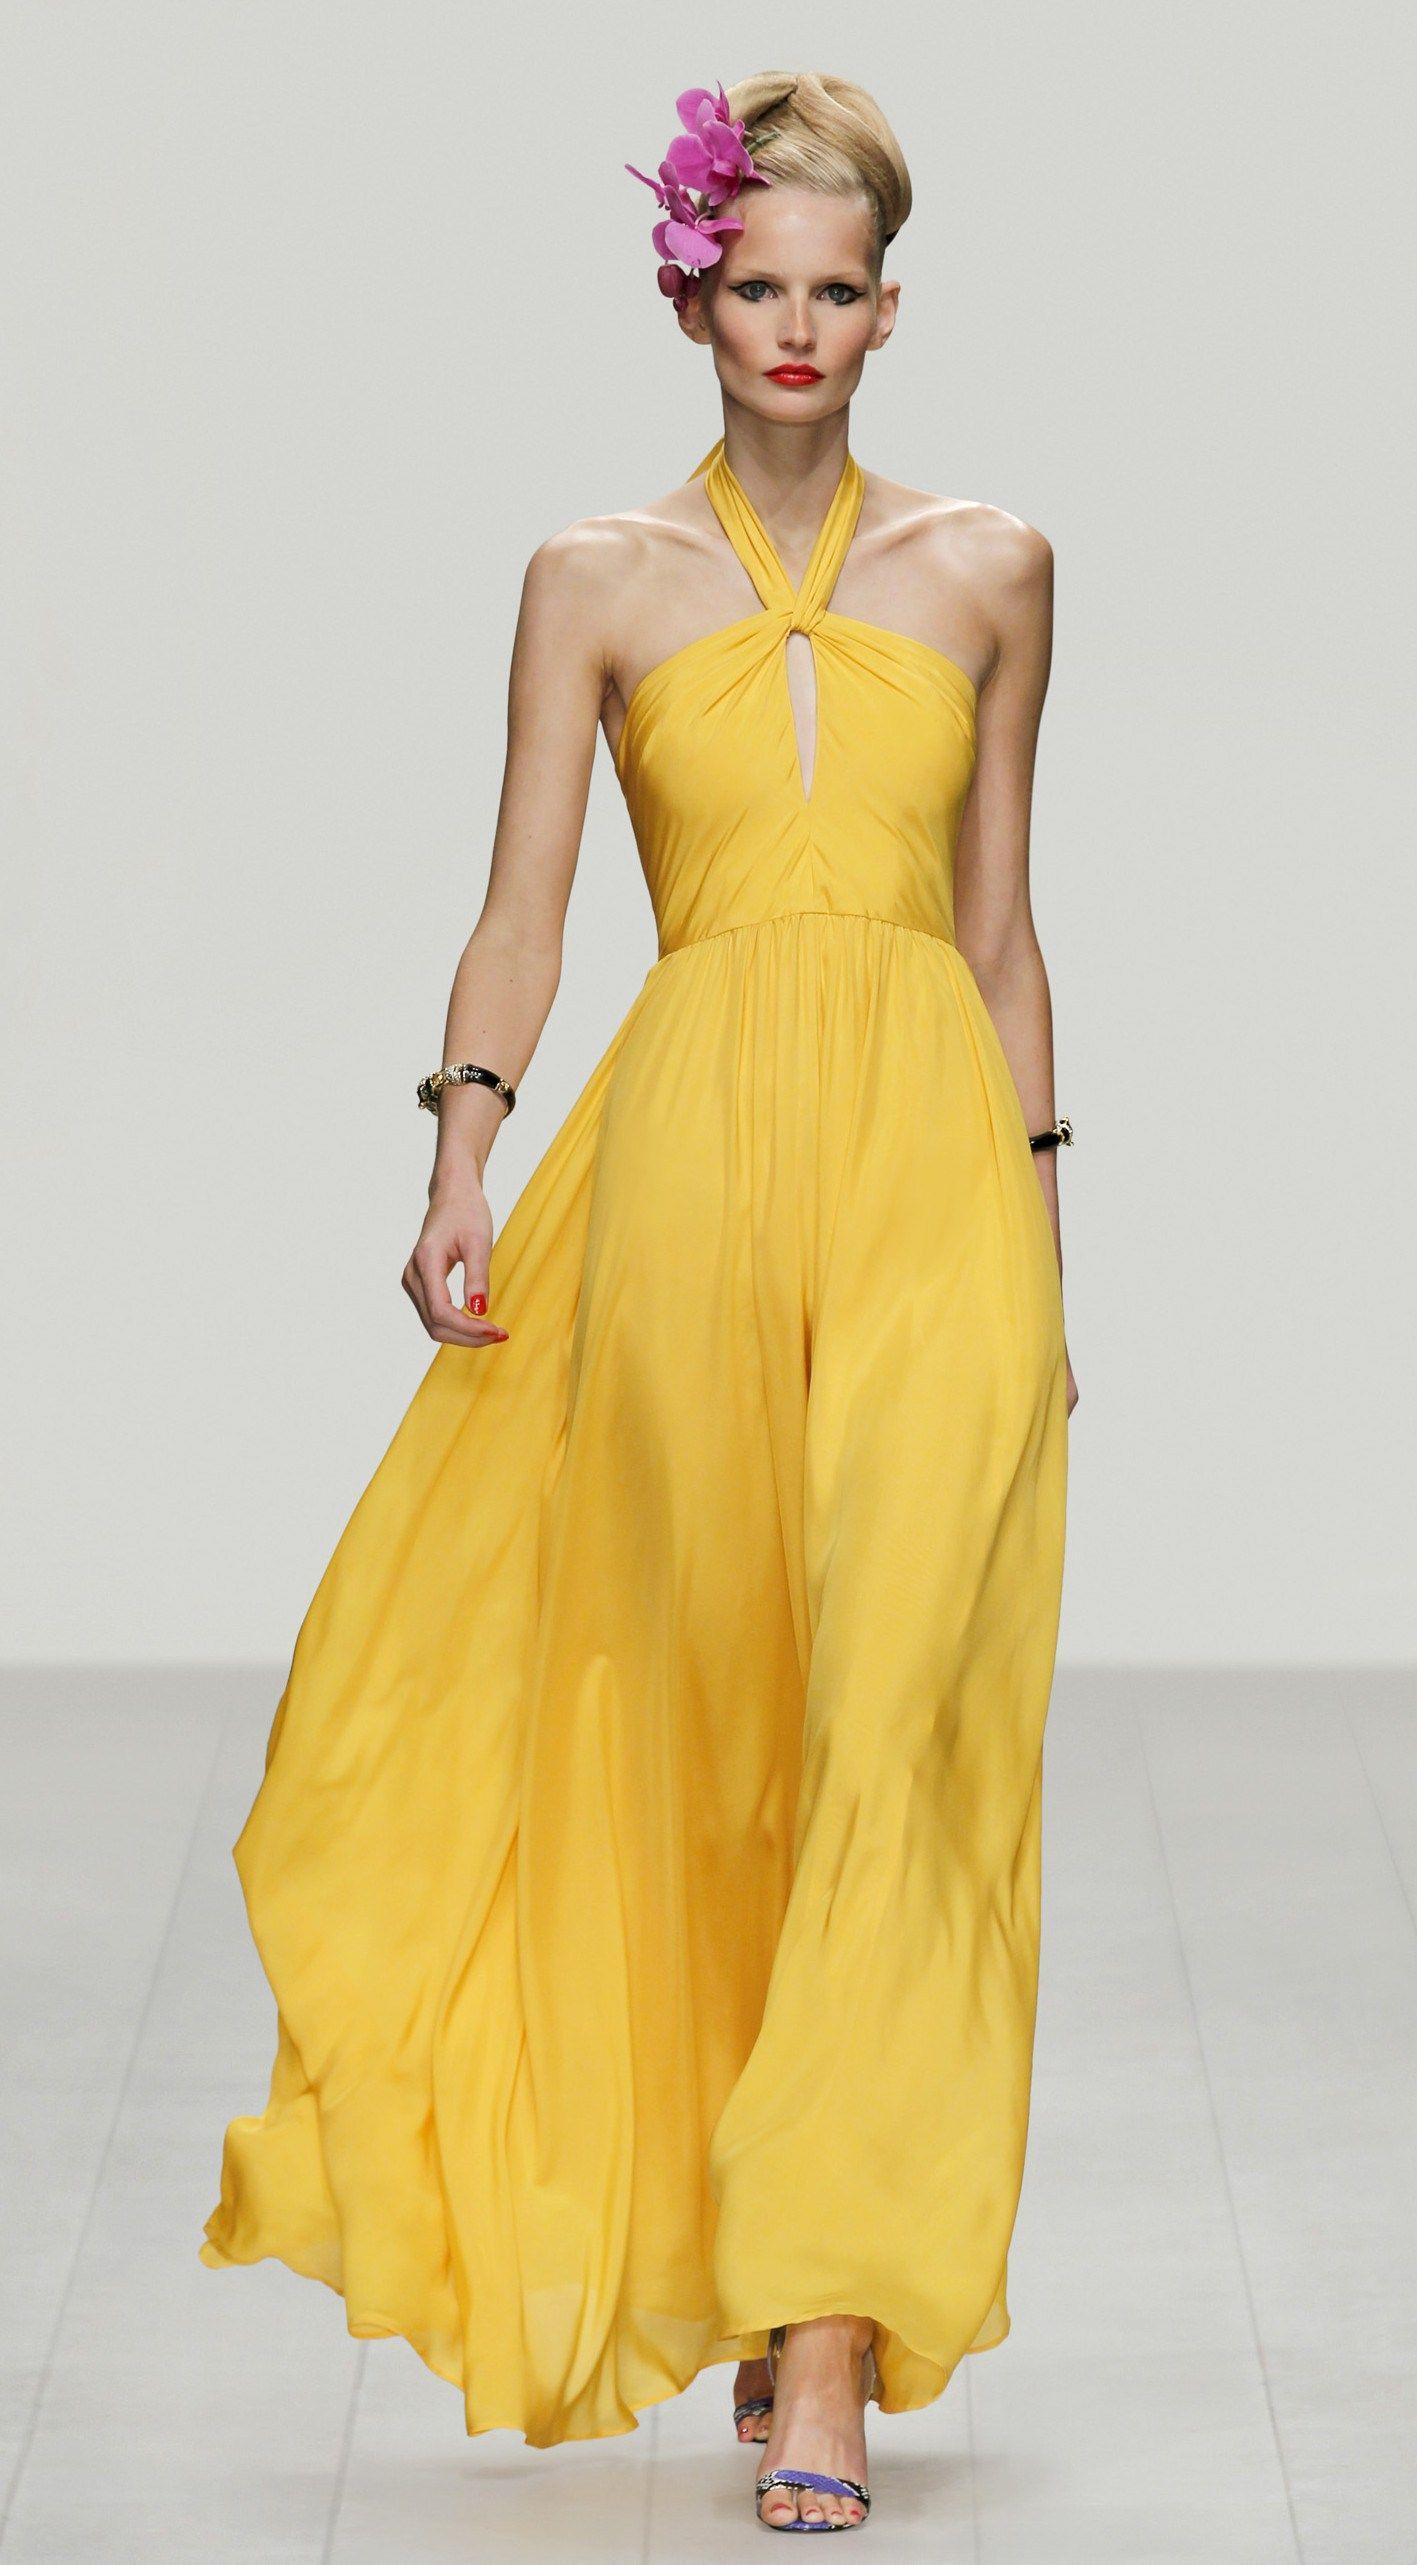 Issa London: Abendkleid gelb in fließendem Seidenjersey